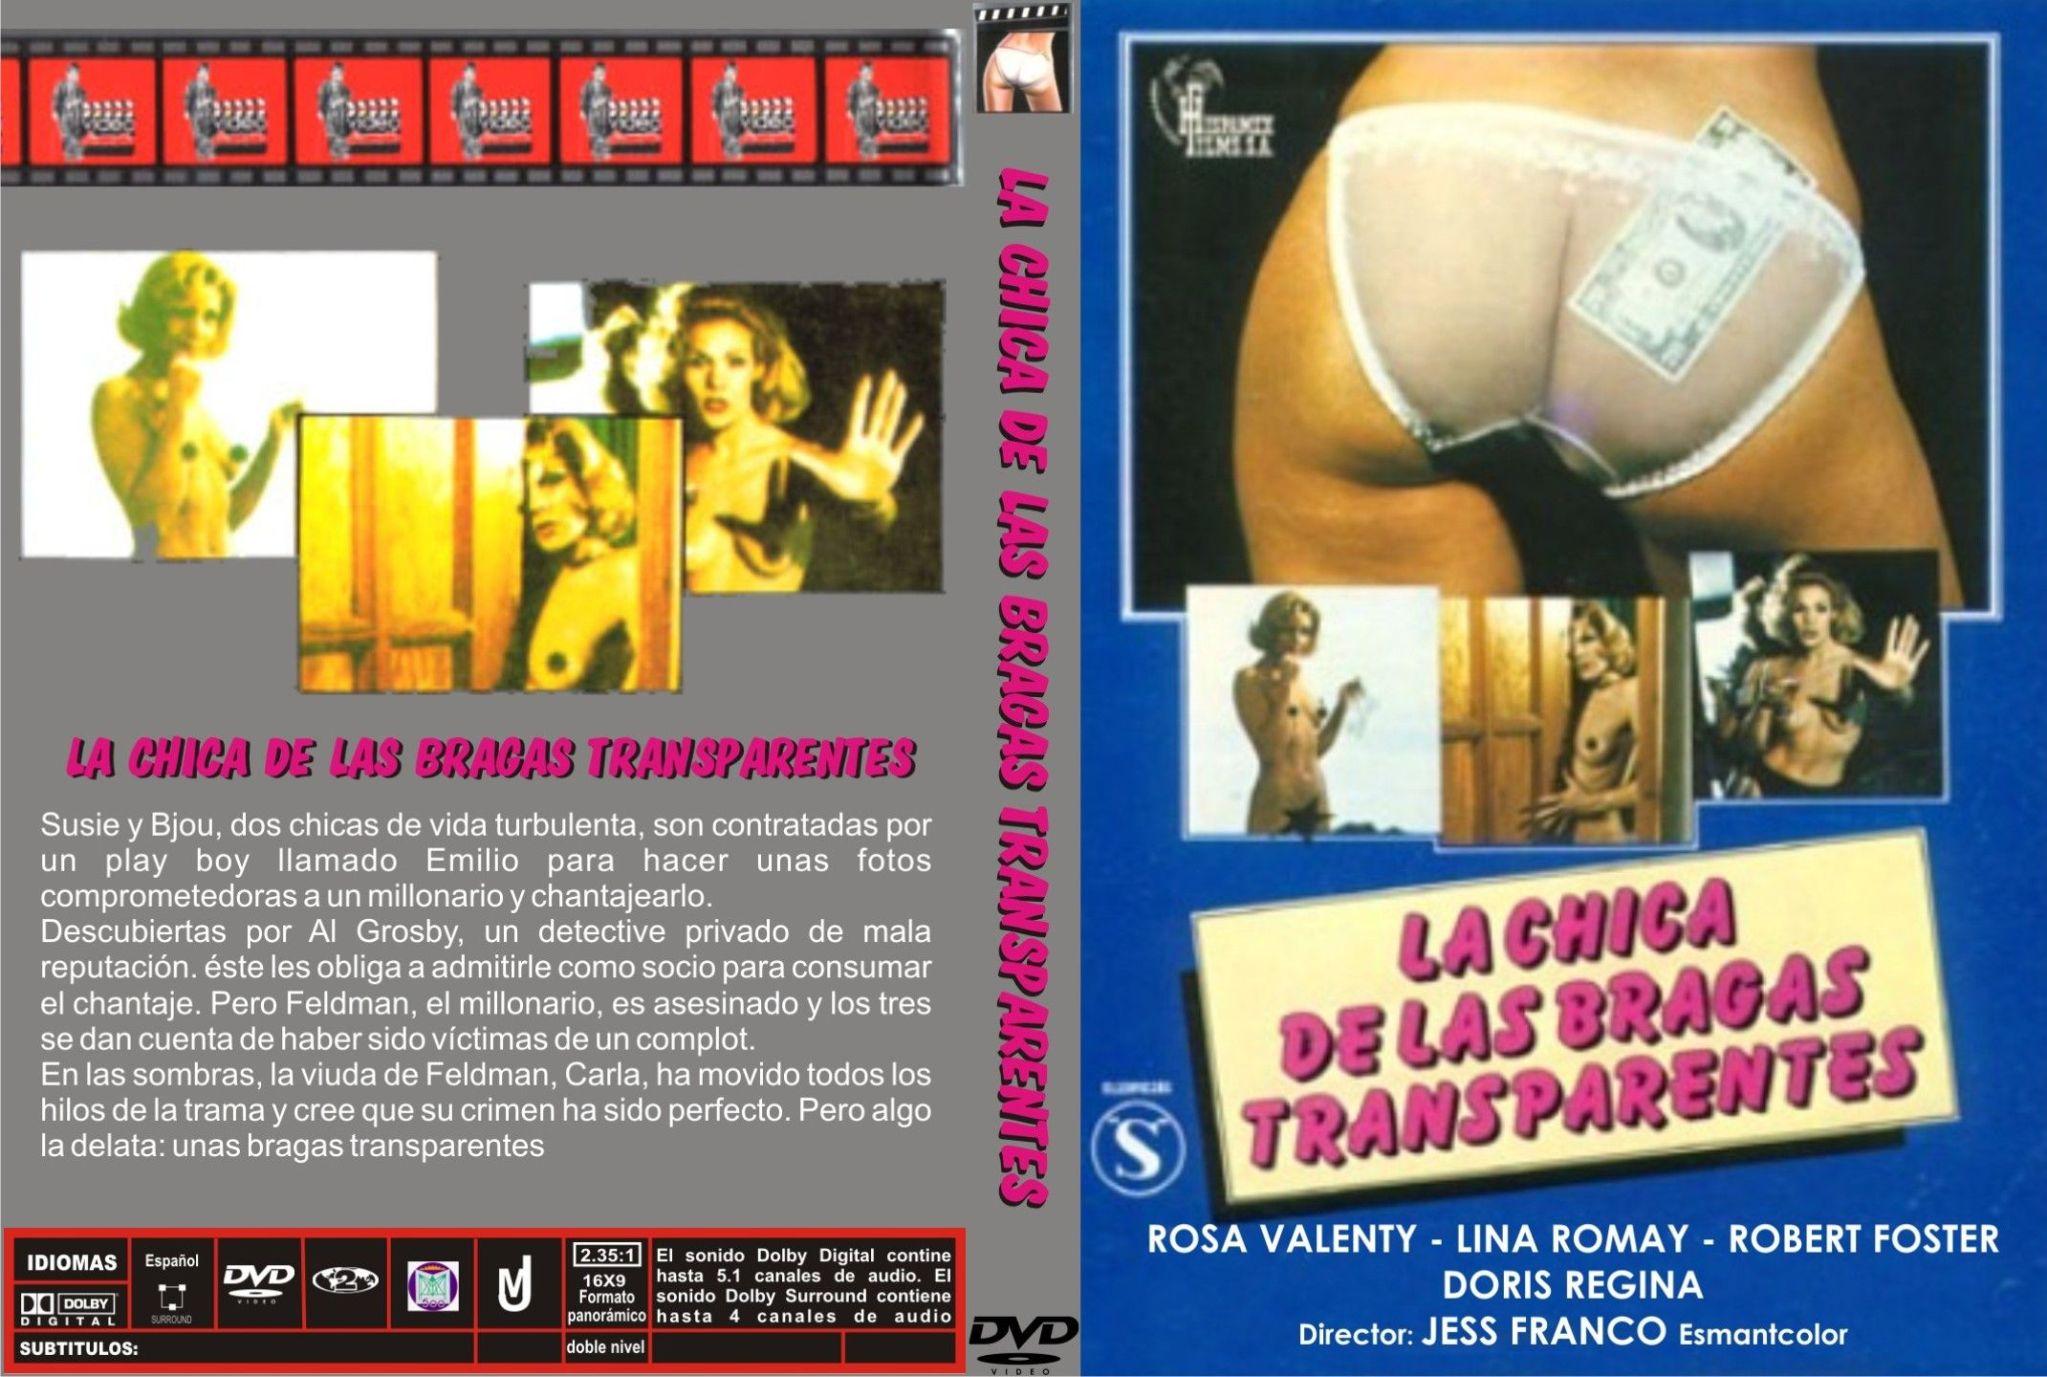 Эротические фильмы испании искоса